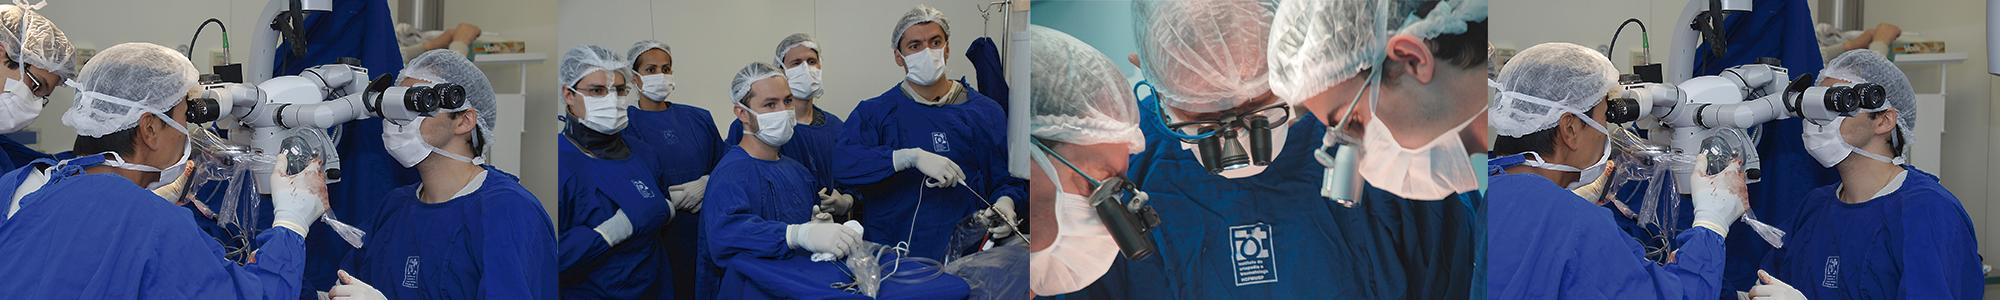 banner-centro-cirúrgico-2